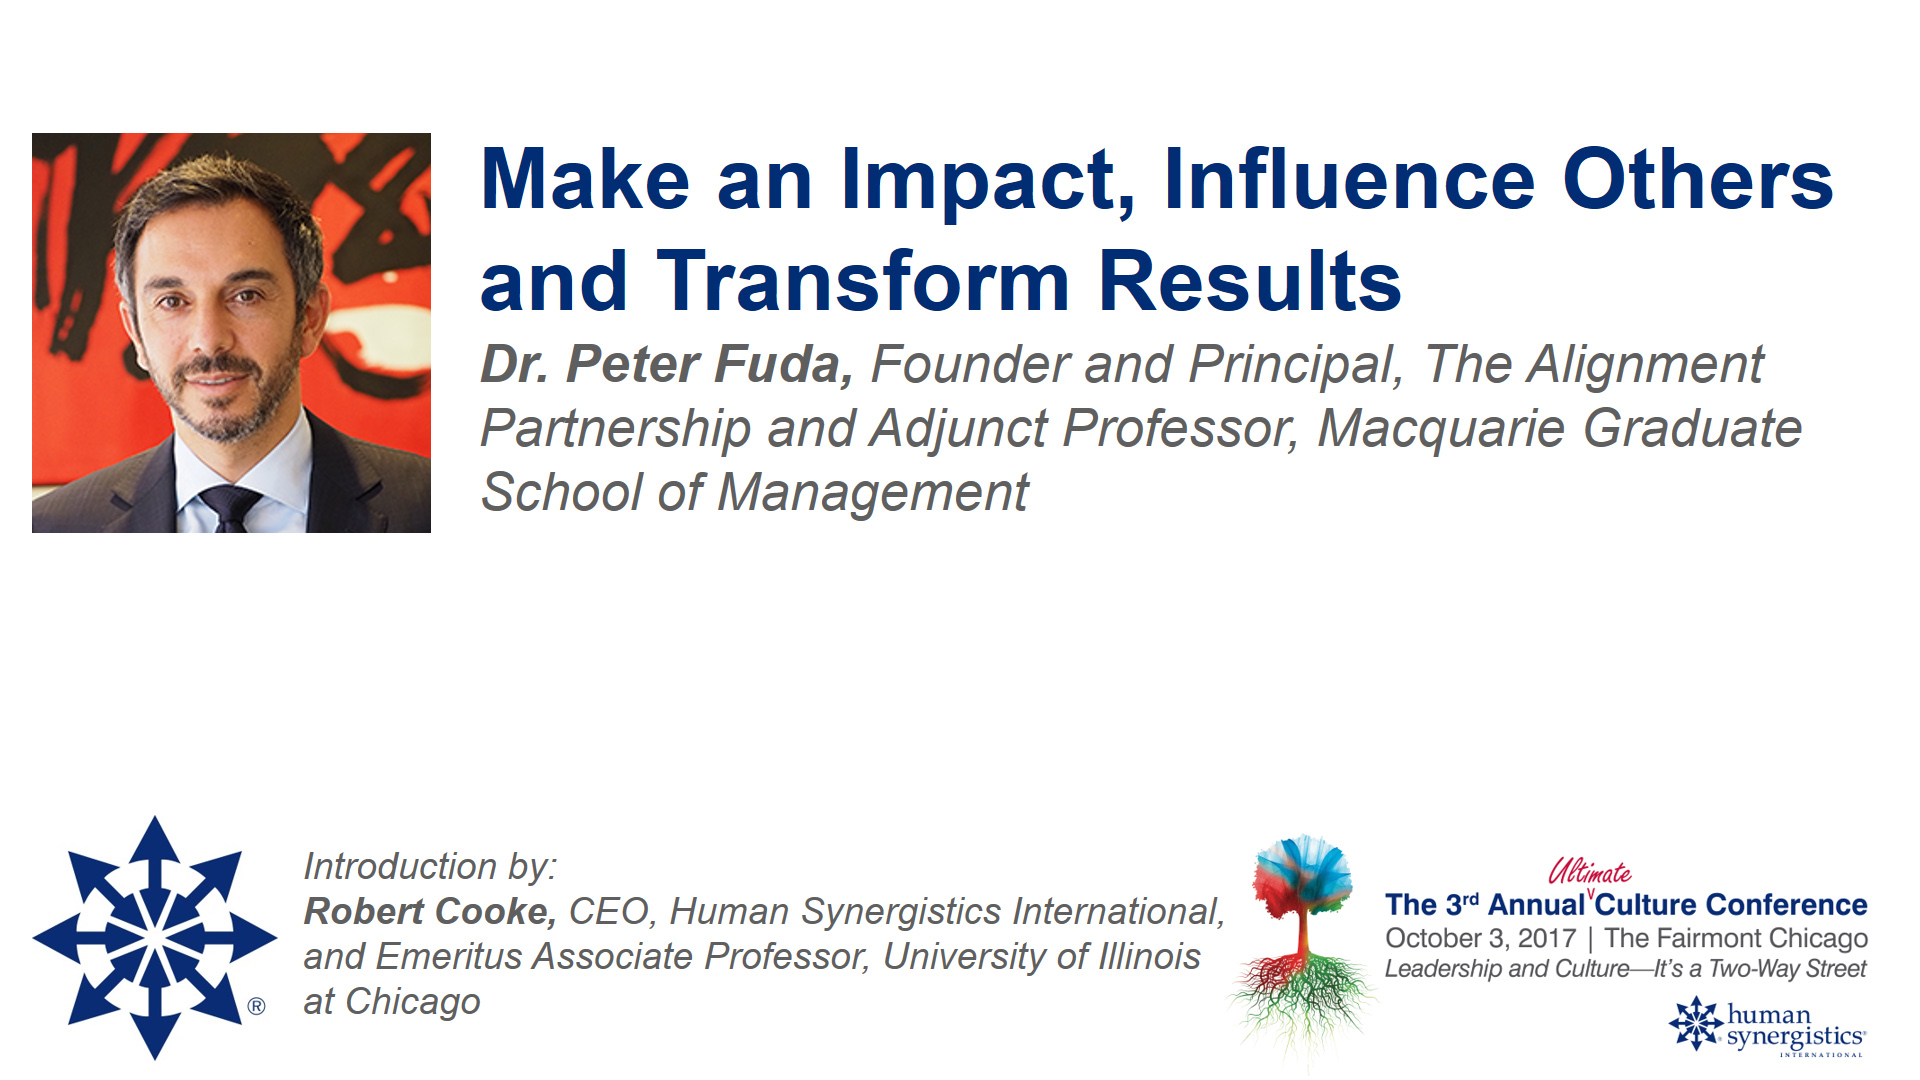 Dr. Peter Fuda